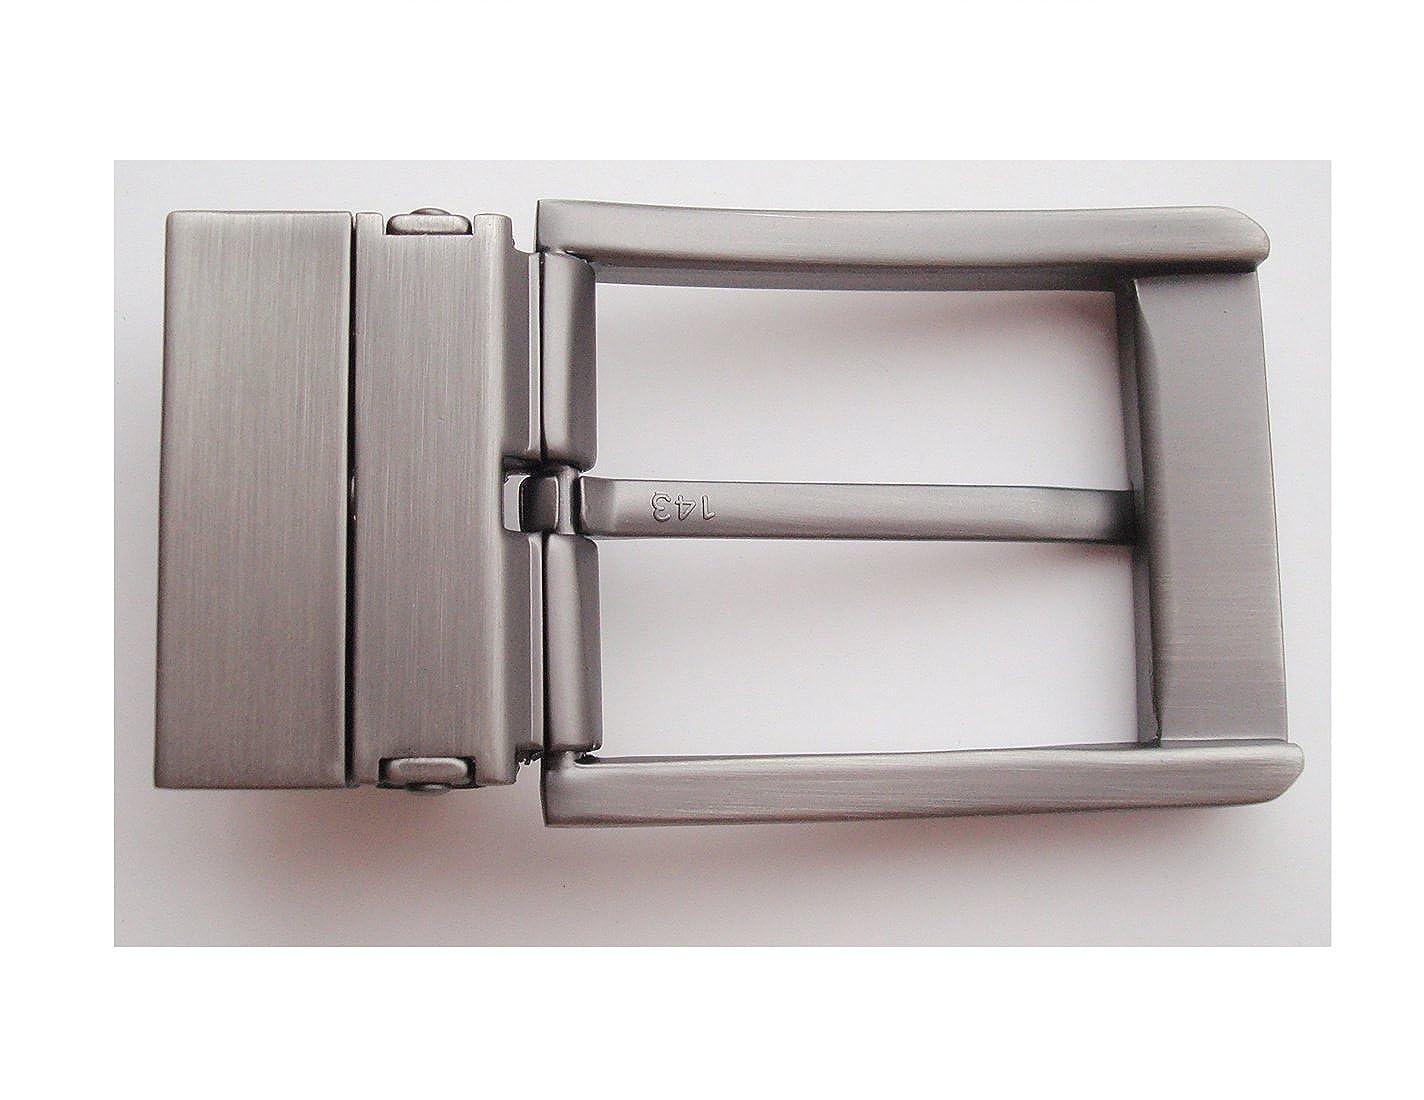 uomini 1-3//8 35 zinco solido la fibbia della cintura di cuoio fibbia a capo automatico ratchet